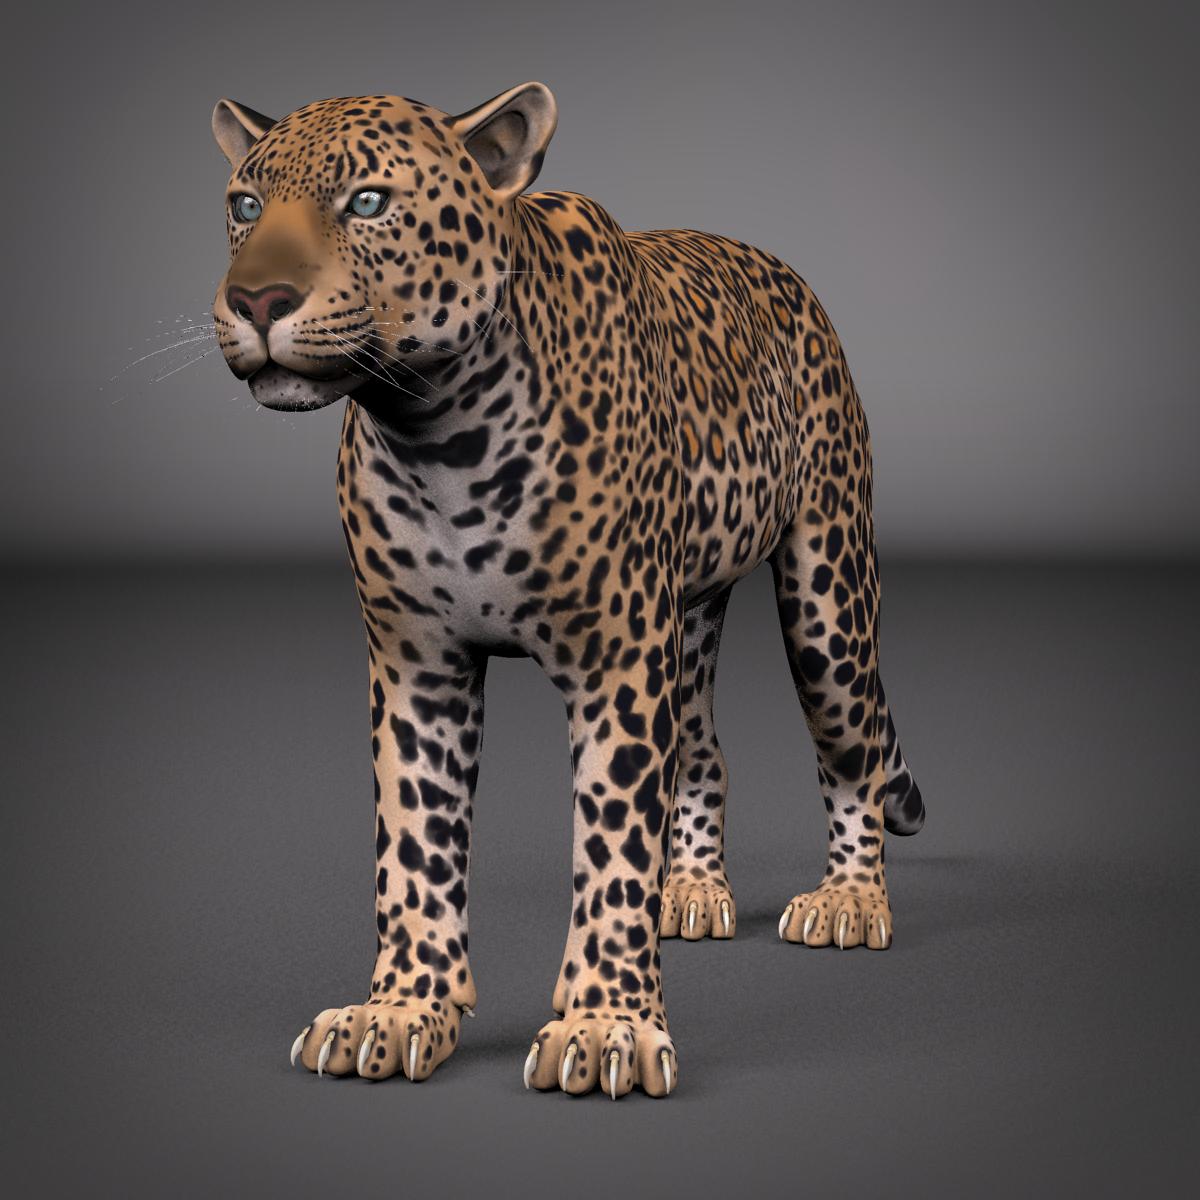 Leopard Maya Rig 3D Model